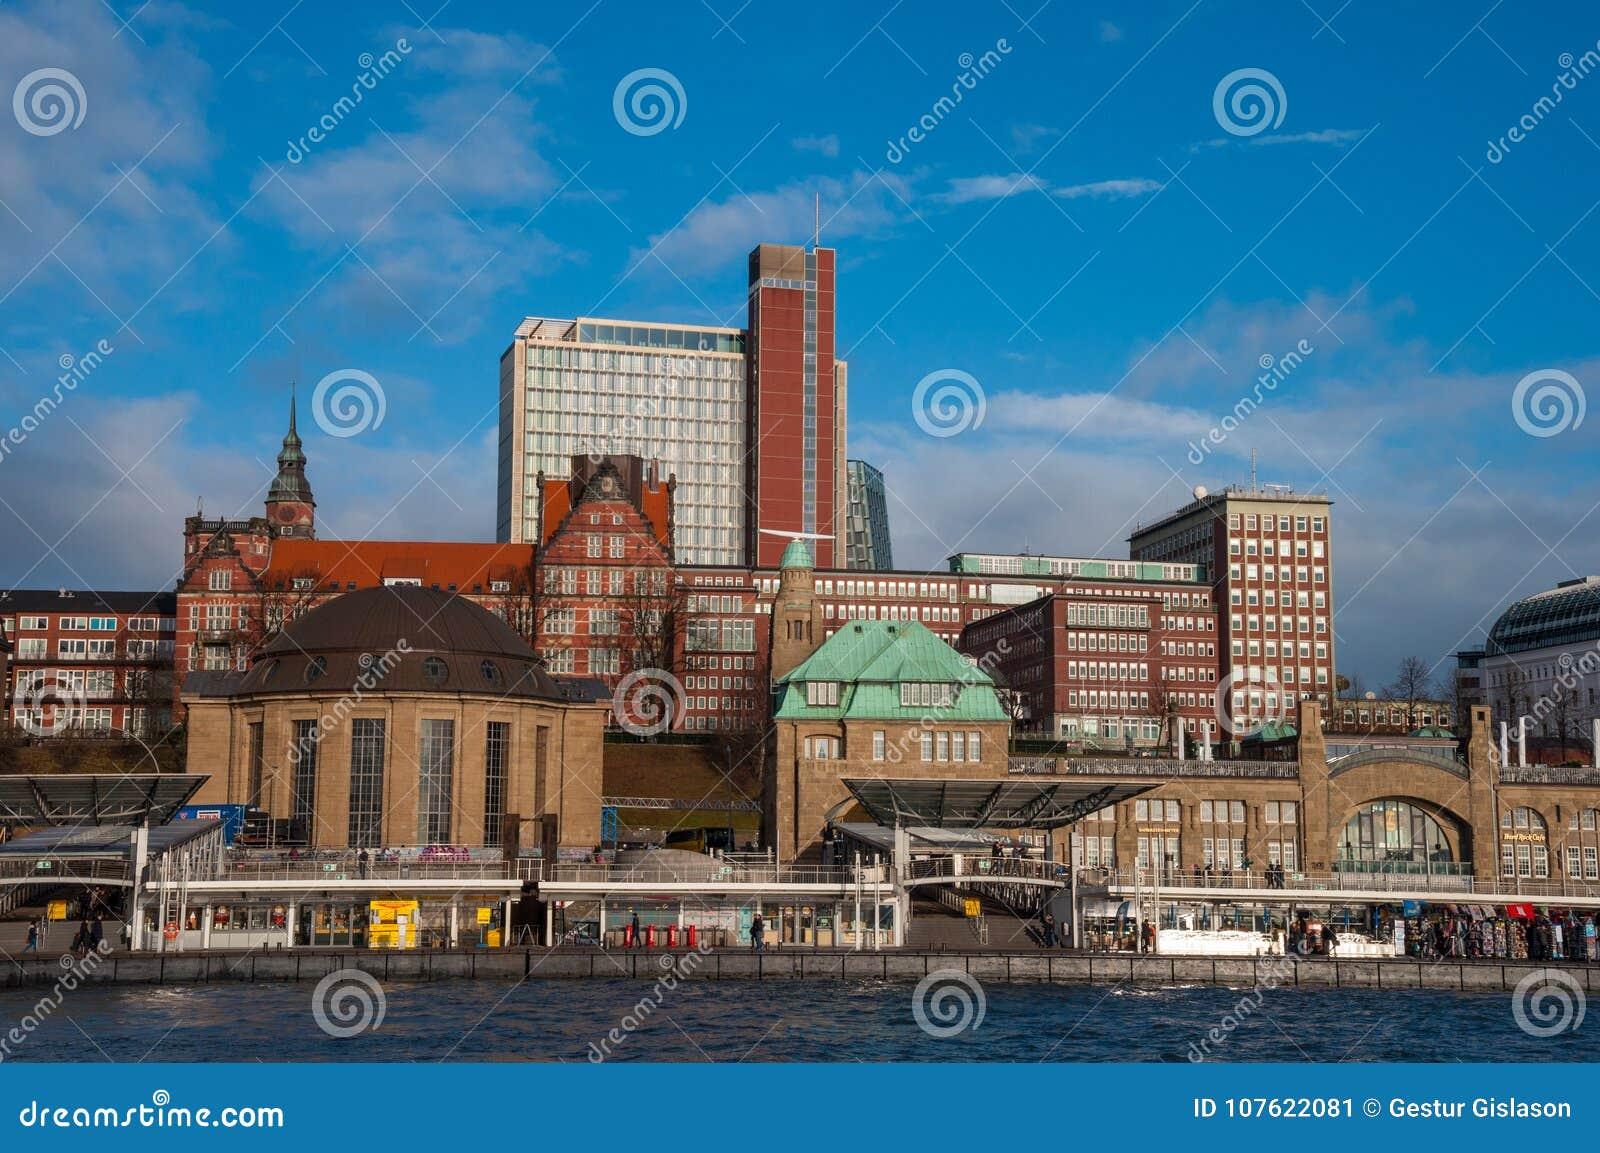 Landungsbrucken pier in Hamburg Germany